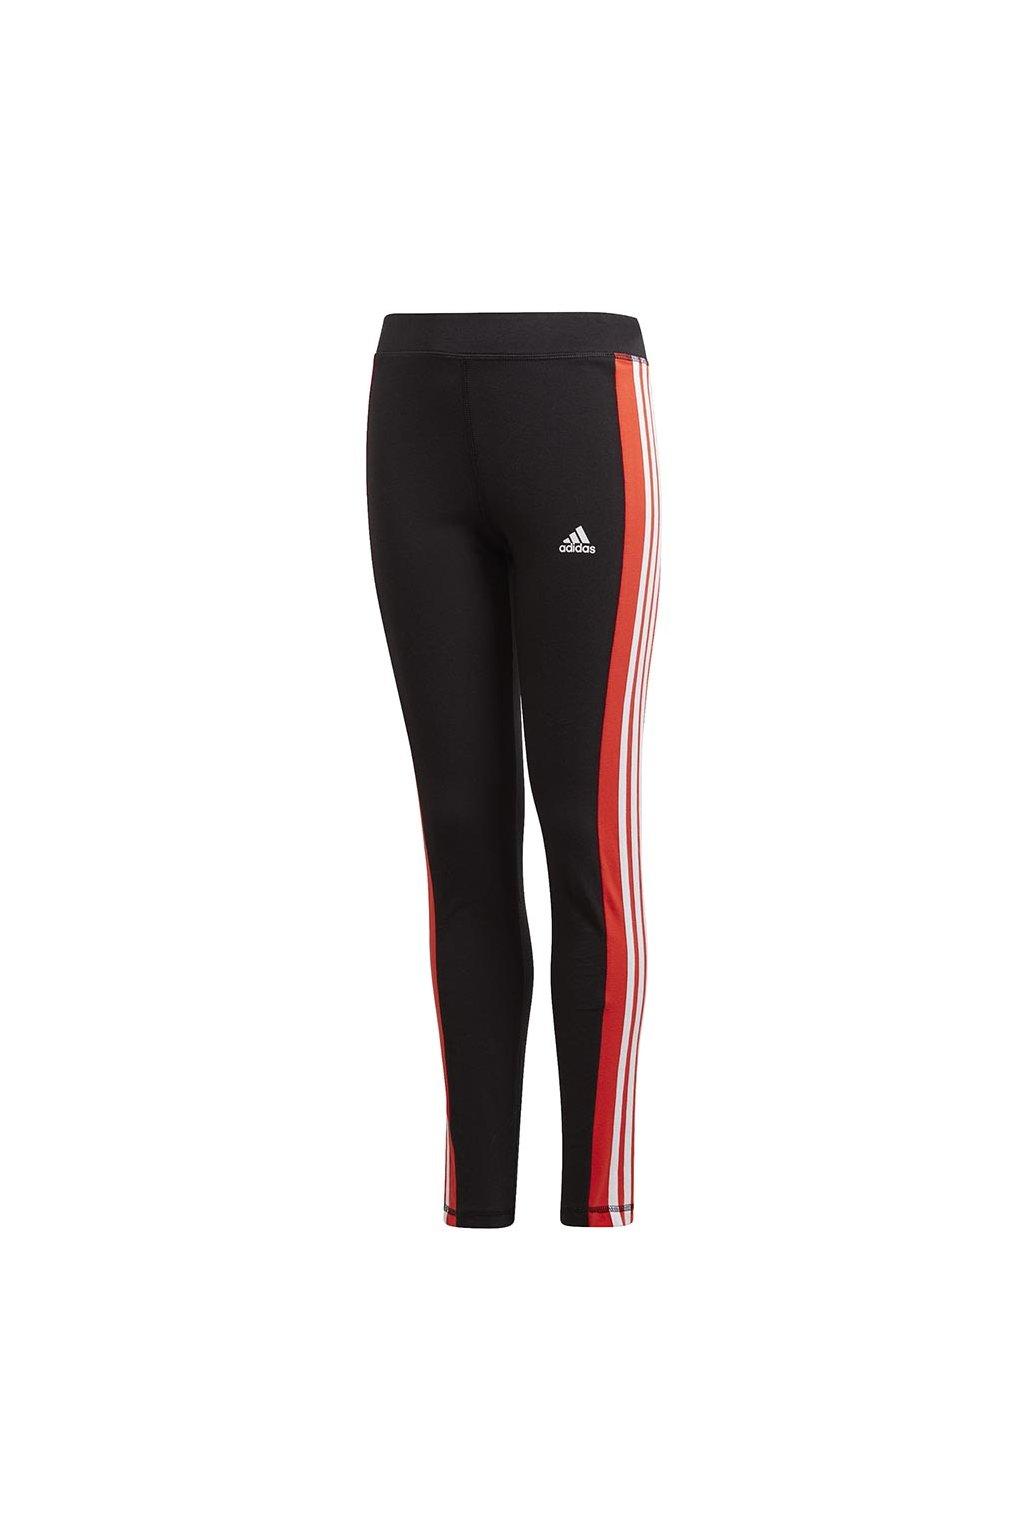 Detské legíny Adidas Yg Lin 3s Tight čierno-červené GD6214